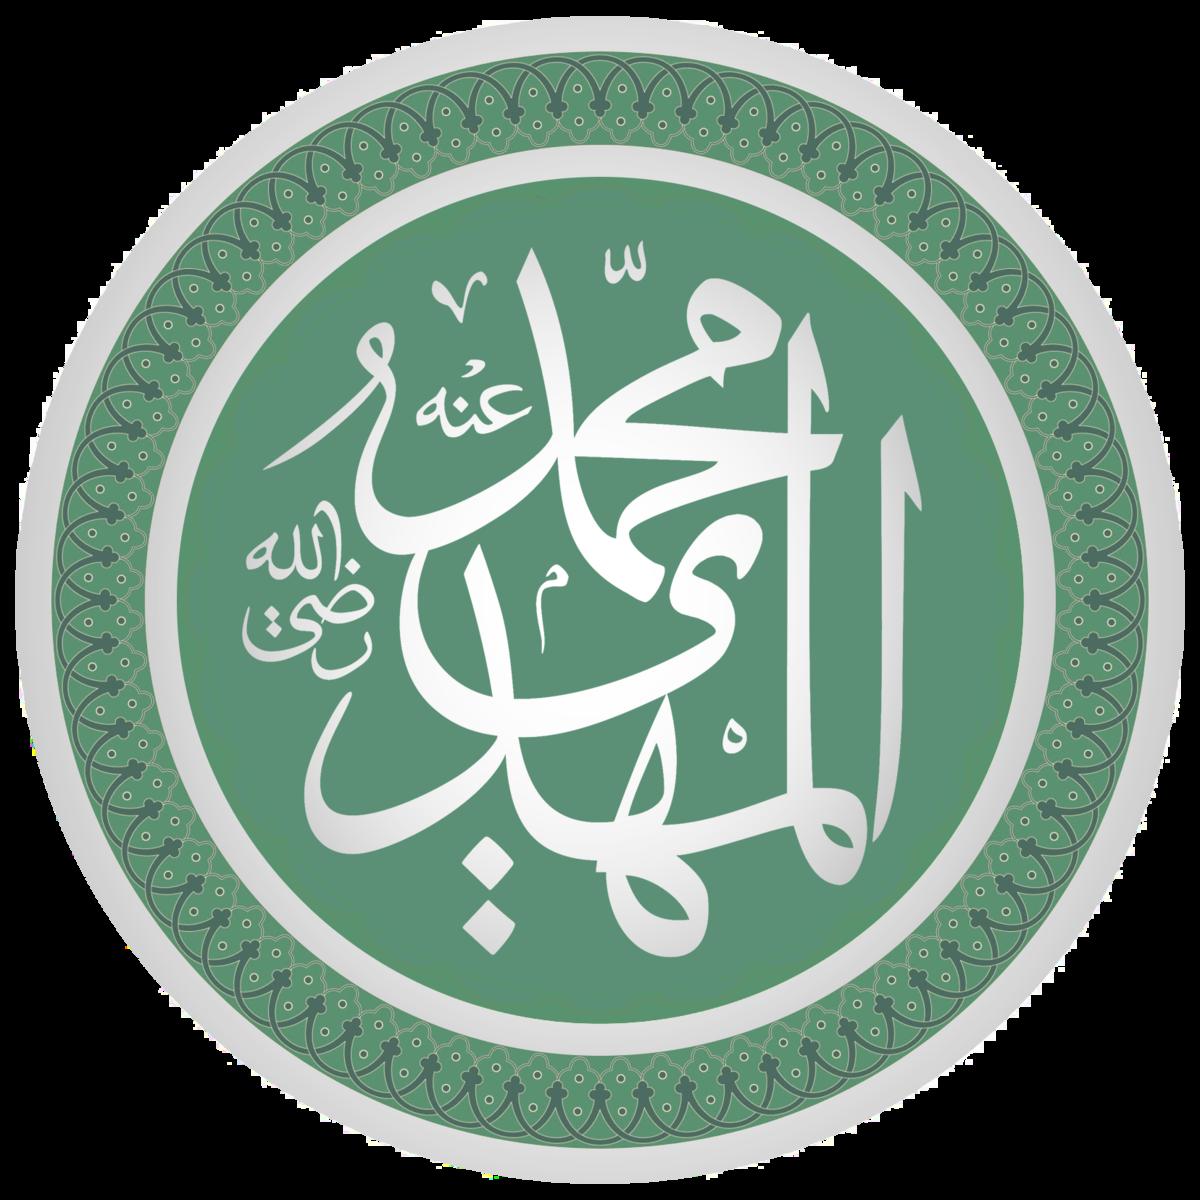 Mahdi Wikipedia